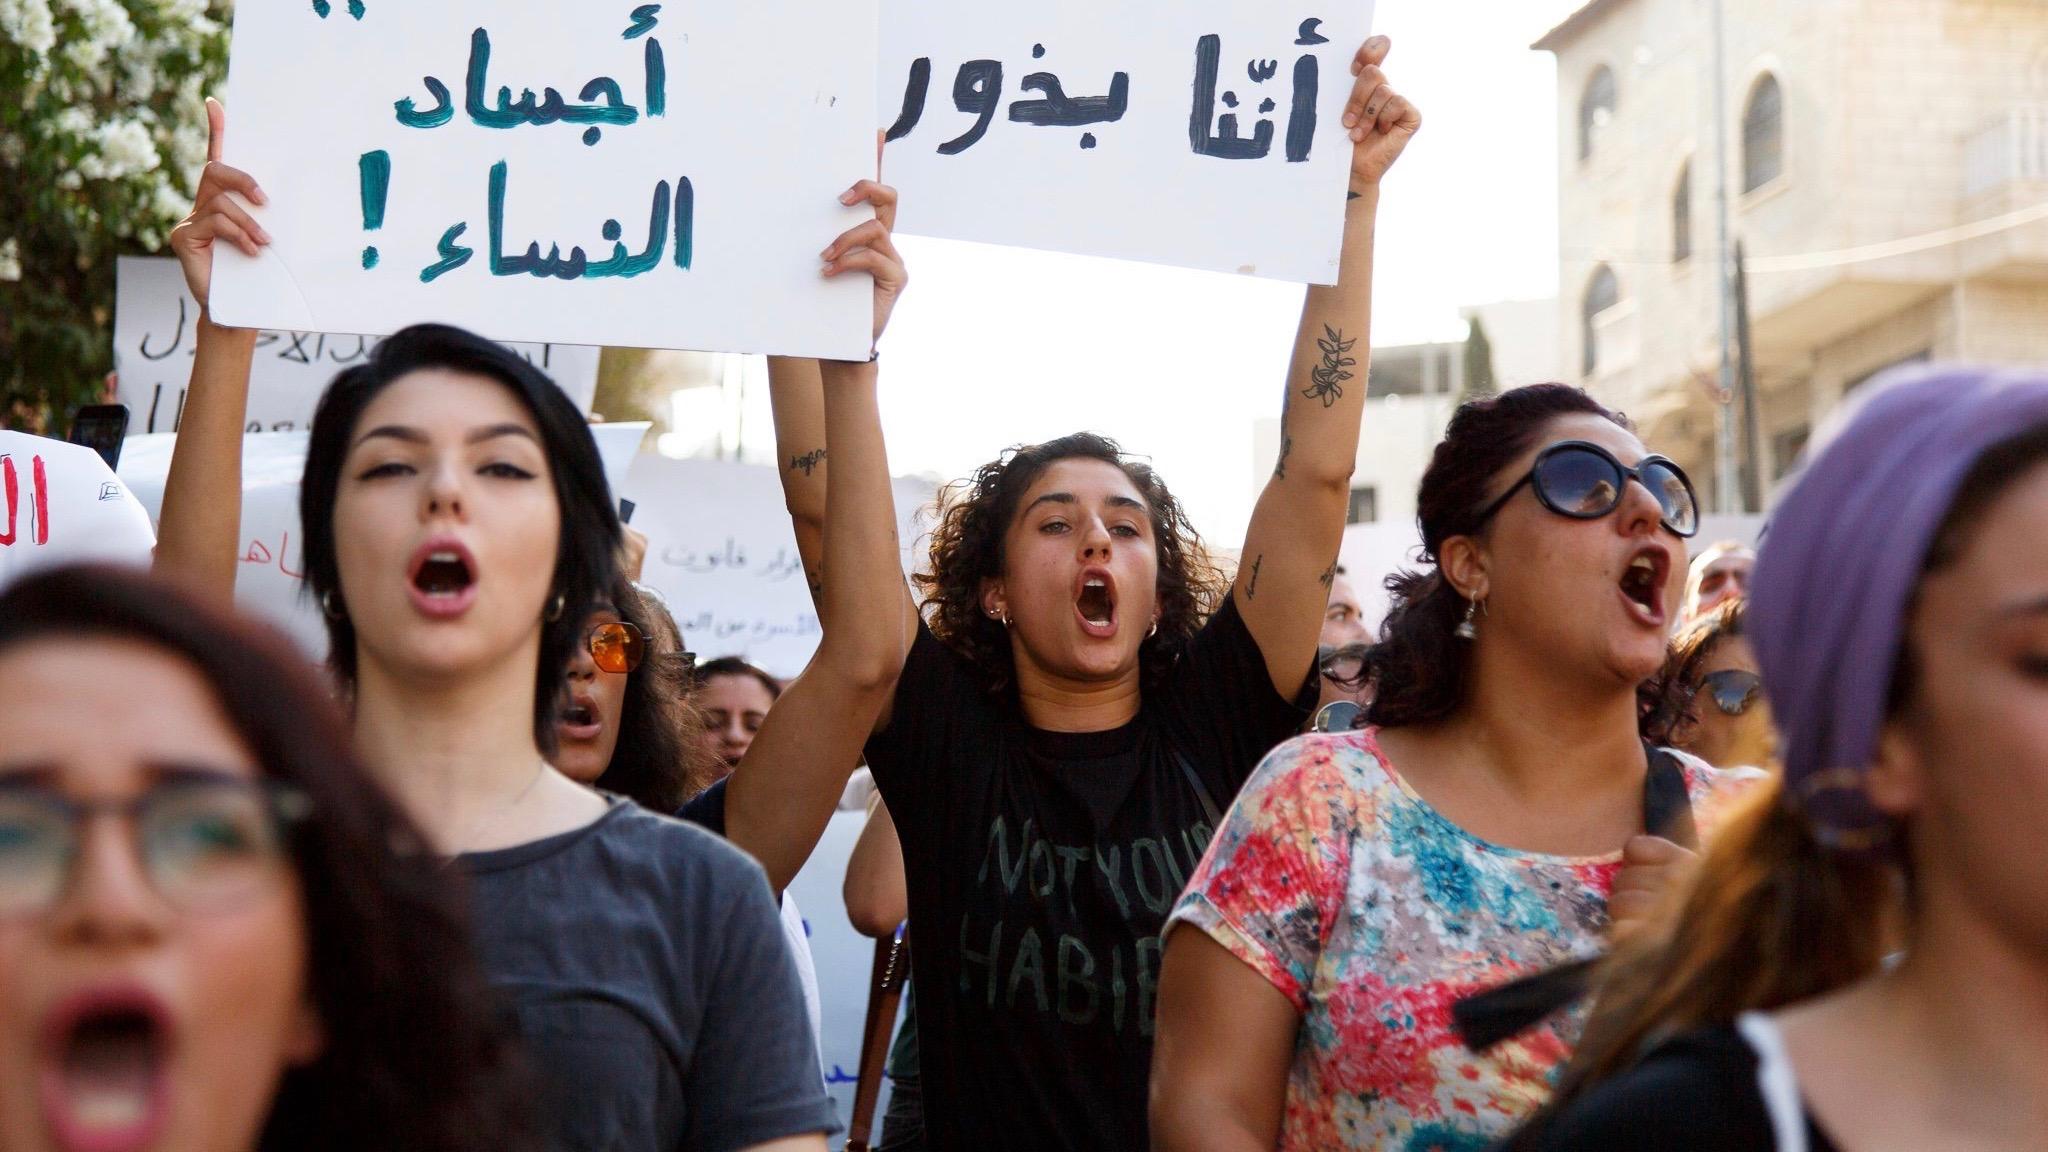 رهایی ملی با رهایی زنان در پیوند است